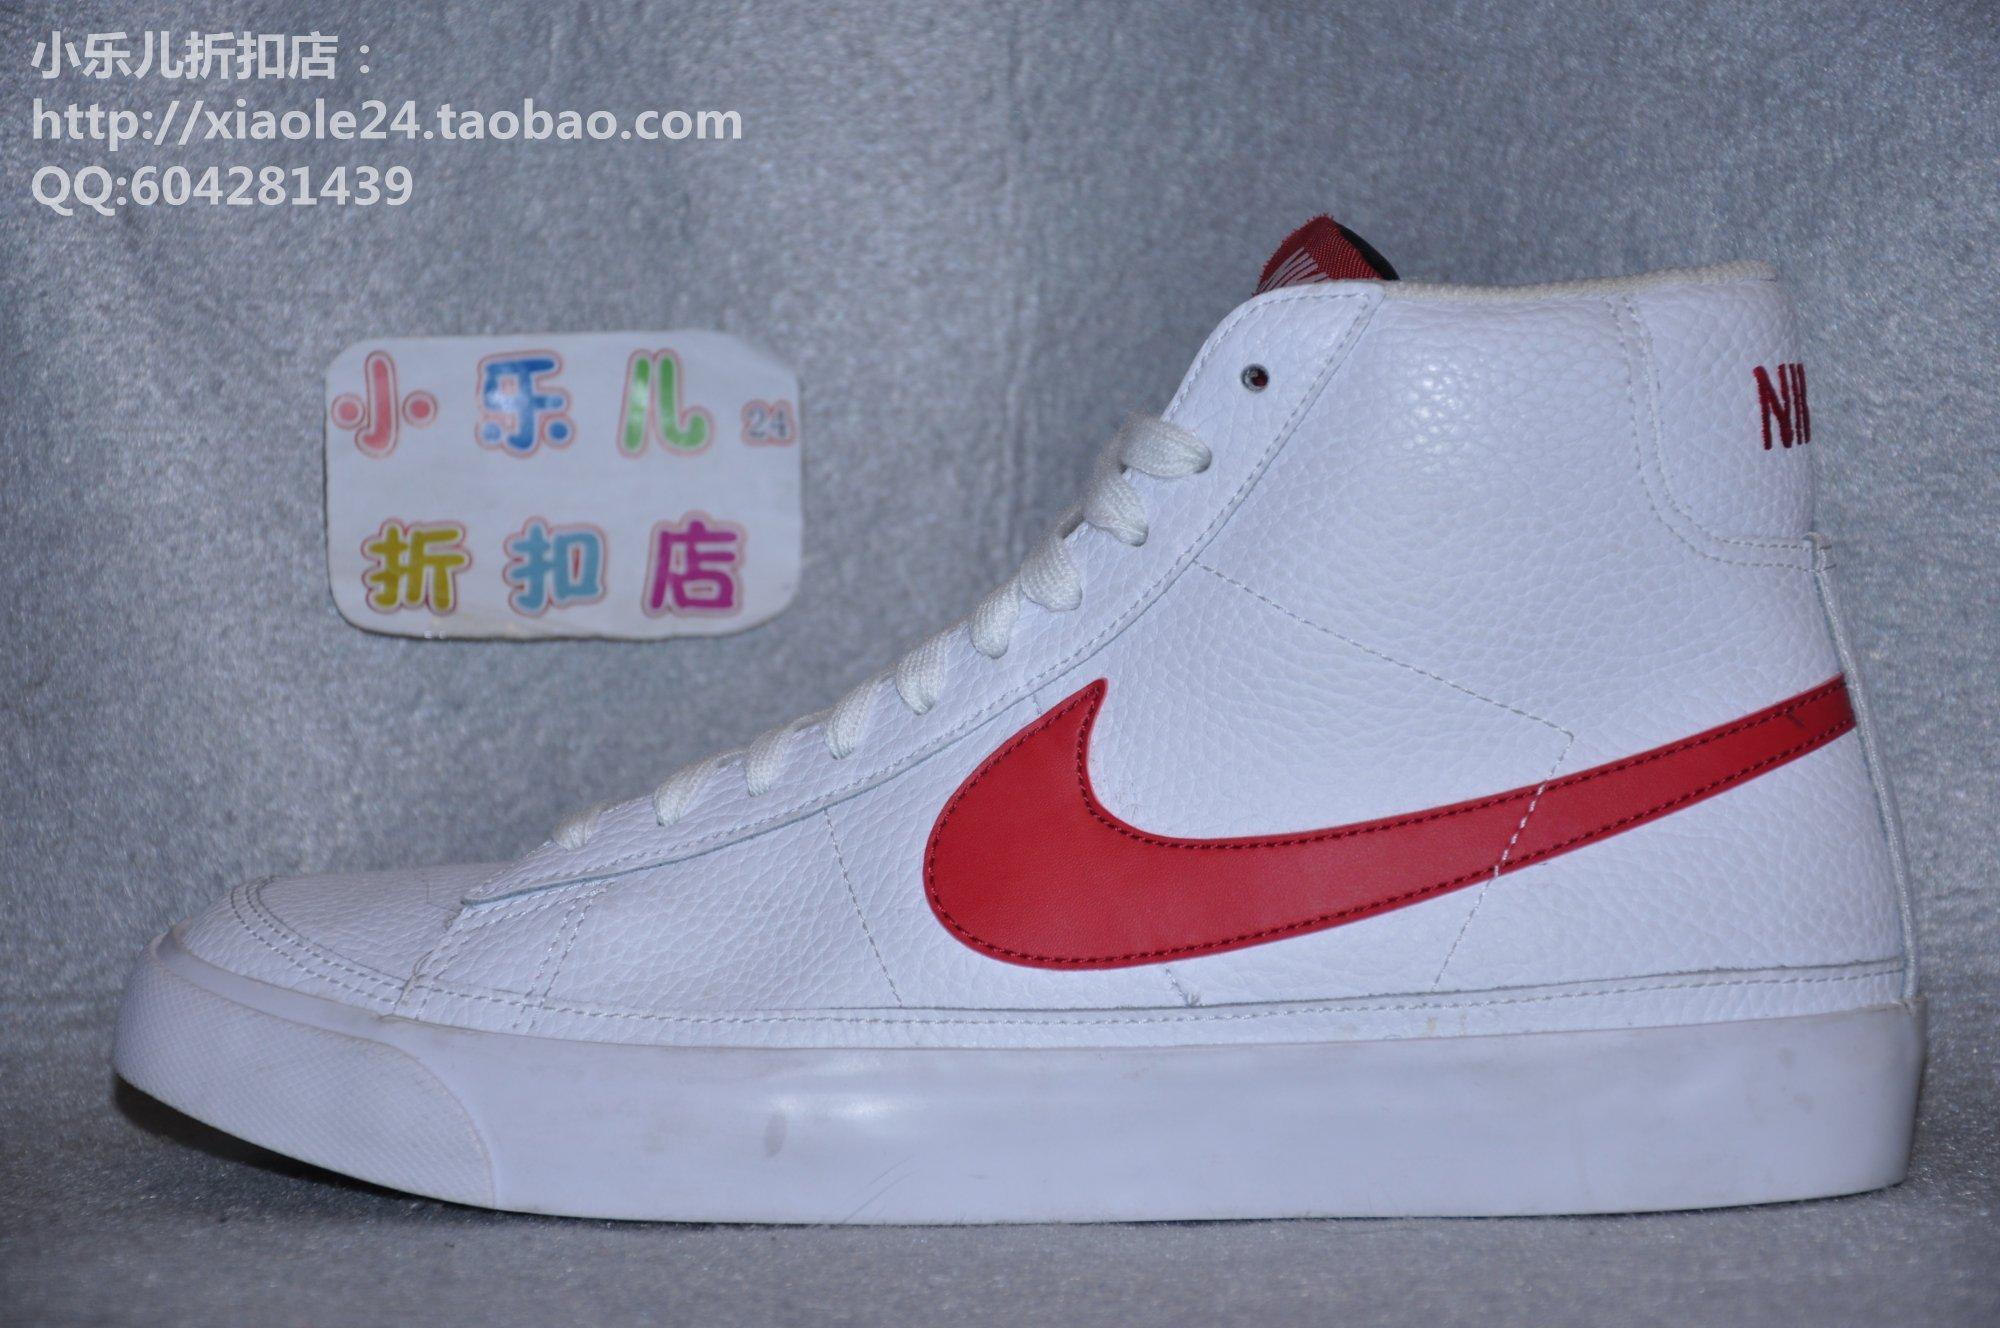 Historia Santillana Top Alto Del De Blazer Los Zapatos Nike rqrfF6g